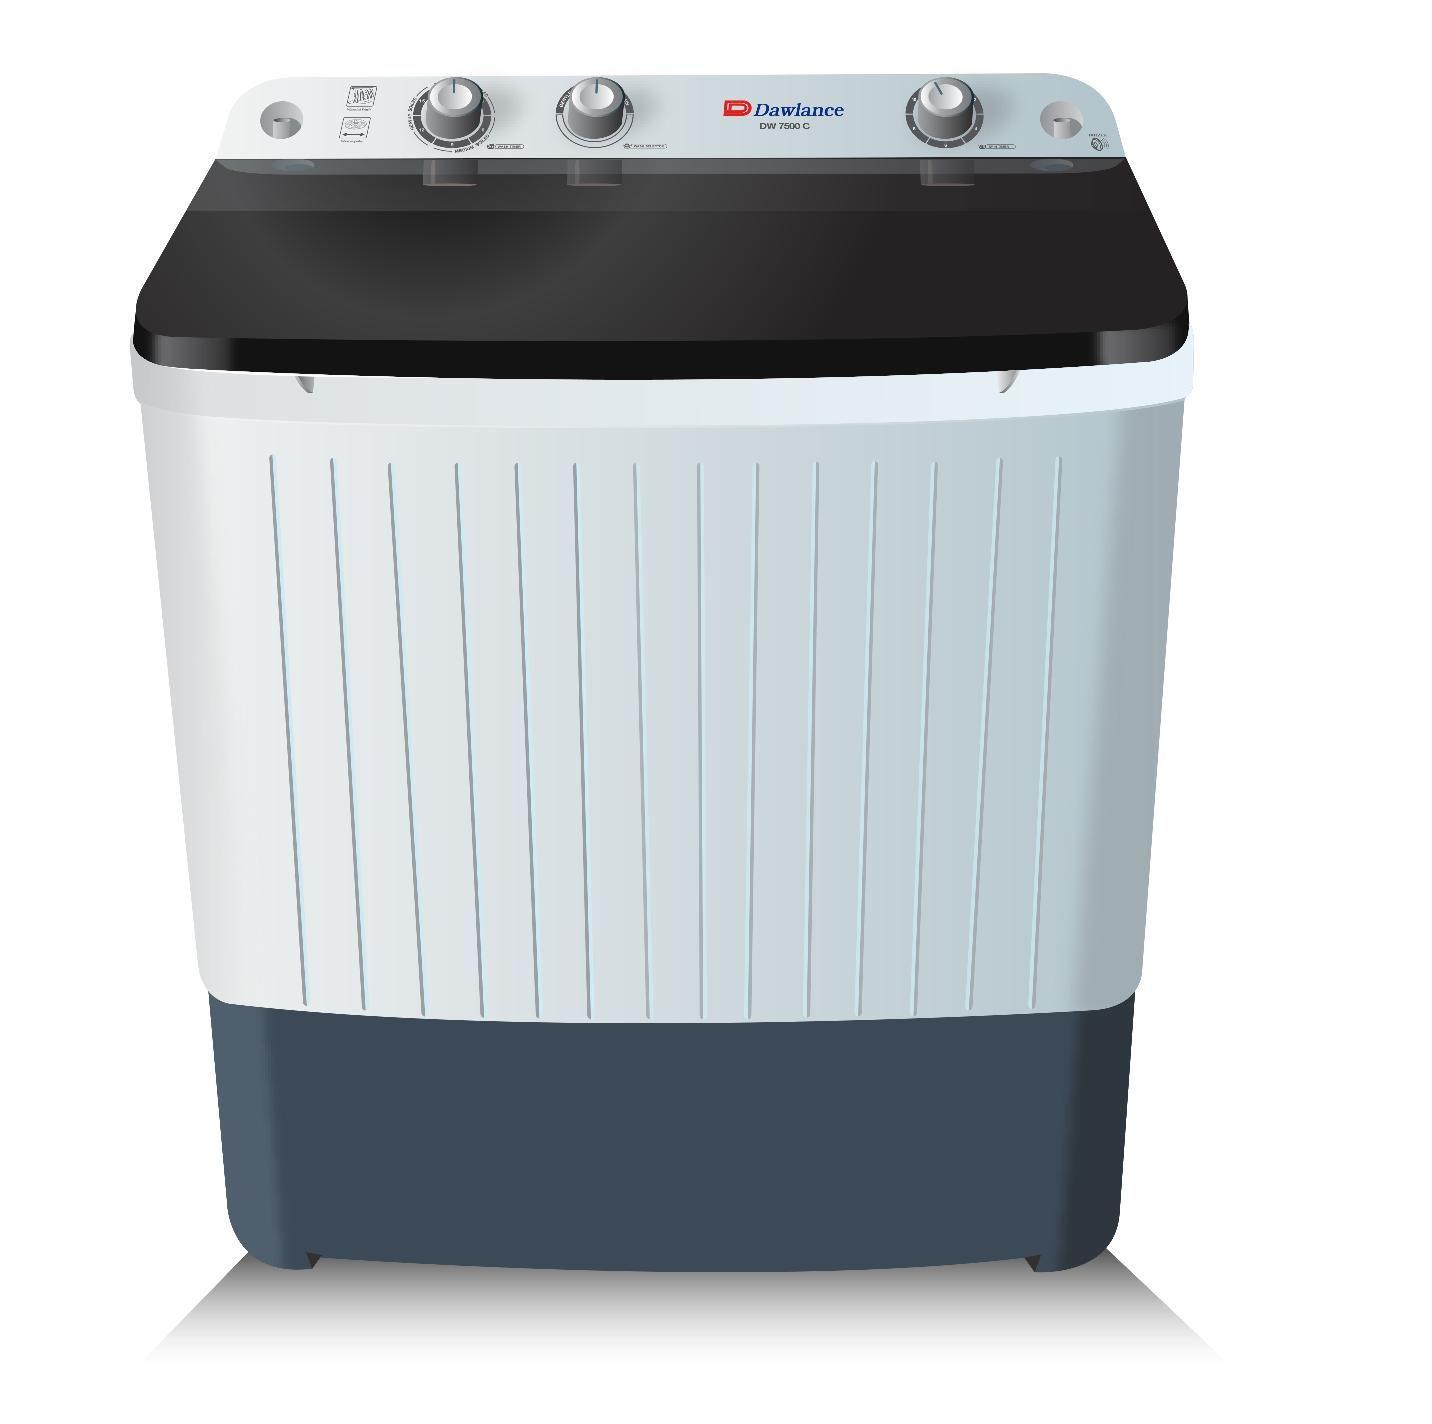 Buy Dawlance DW-7500 - 7kg - Semi Automatic Washing ...